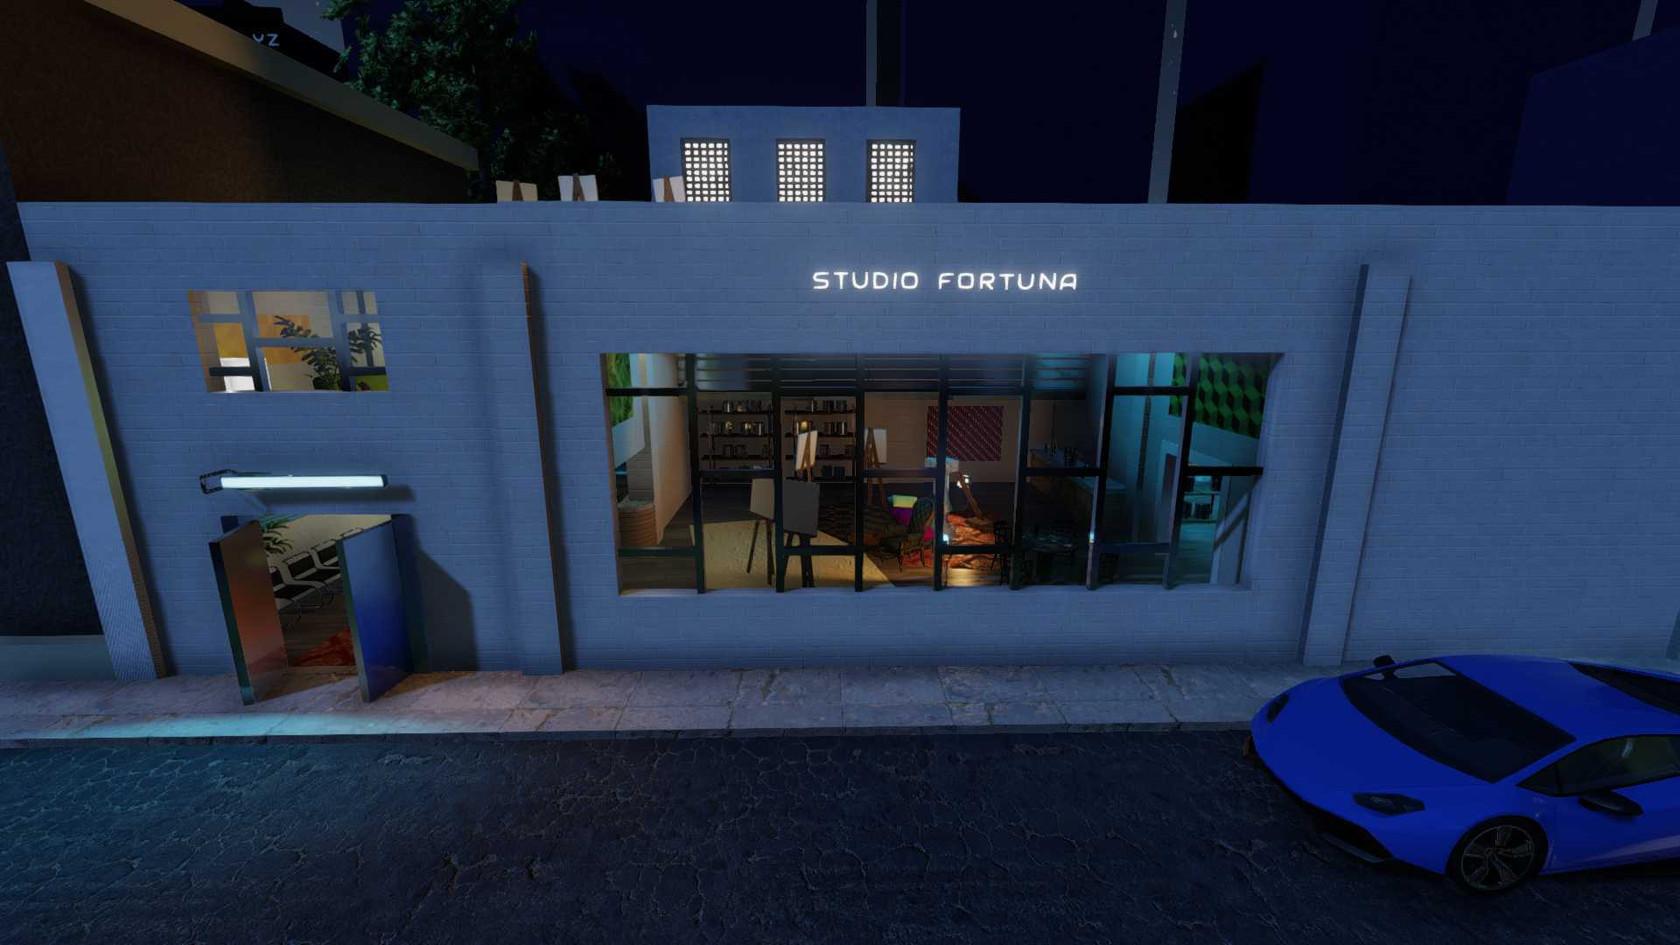 Studio Fortuna by KorinKairos